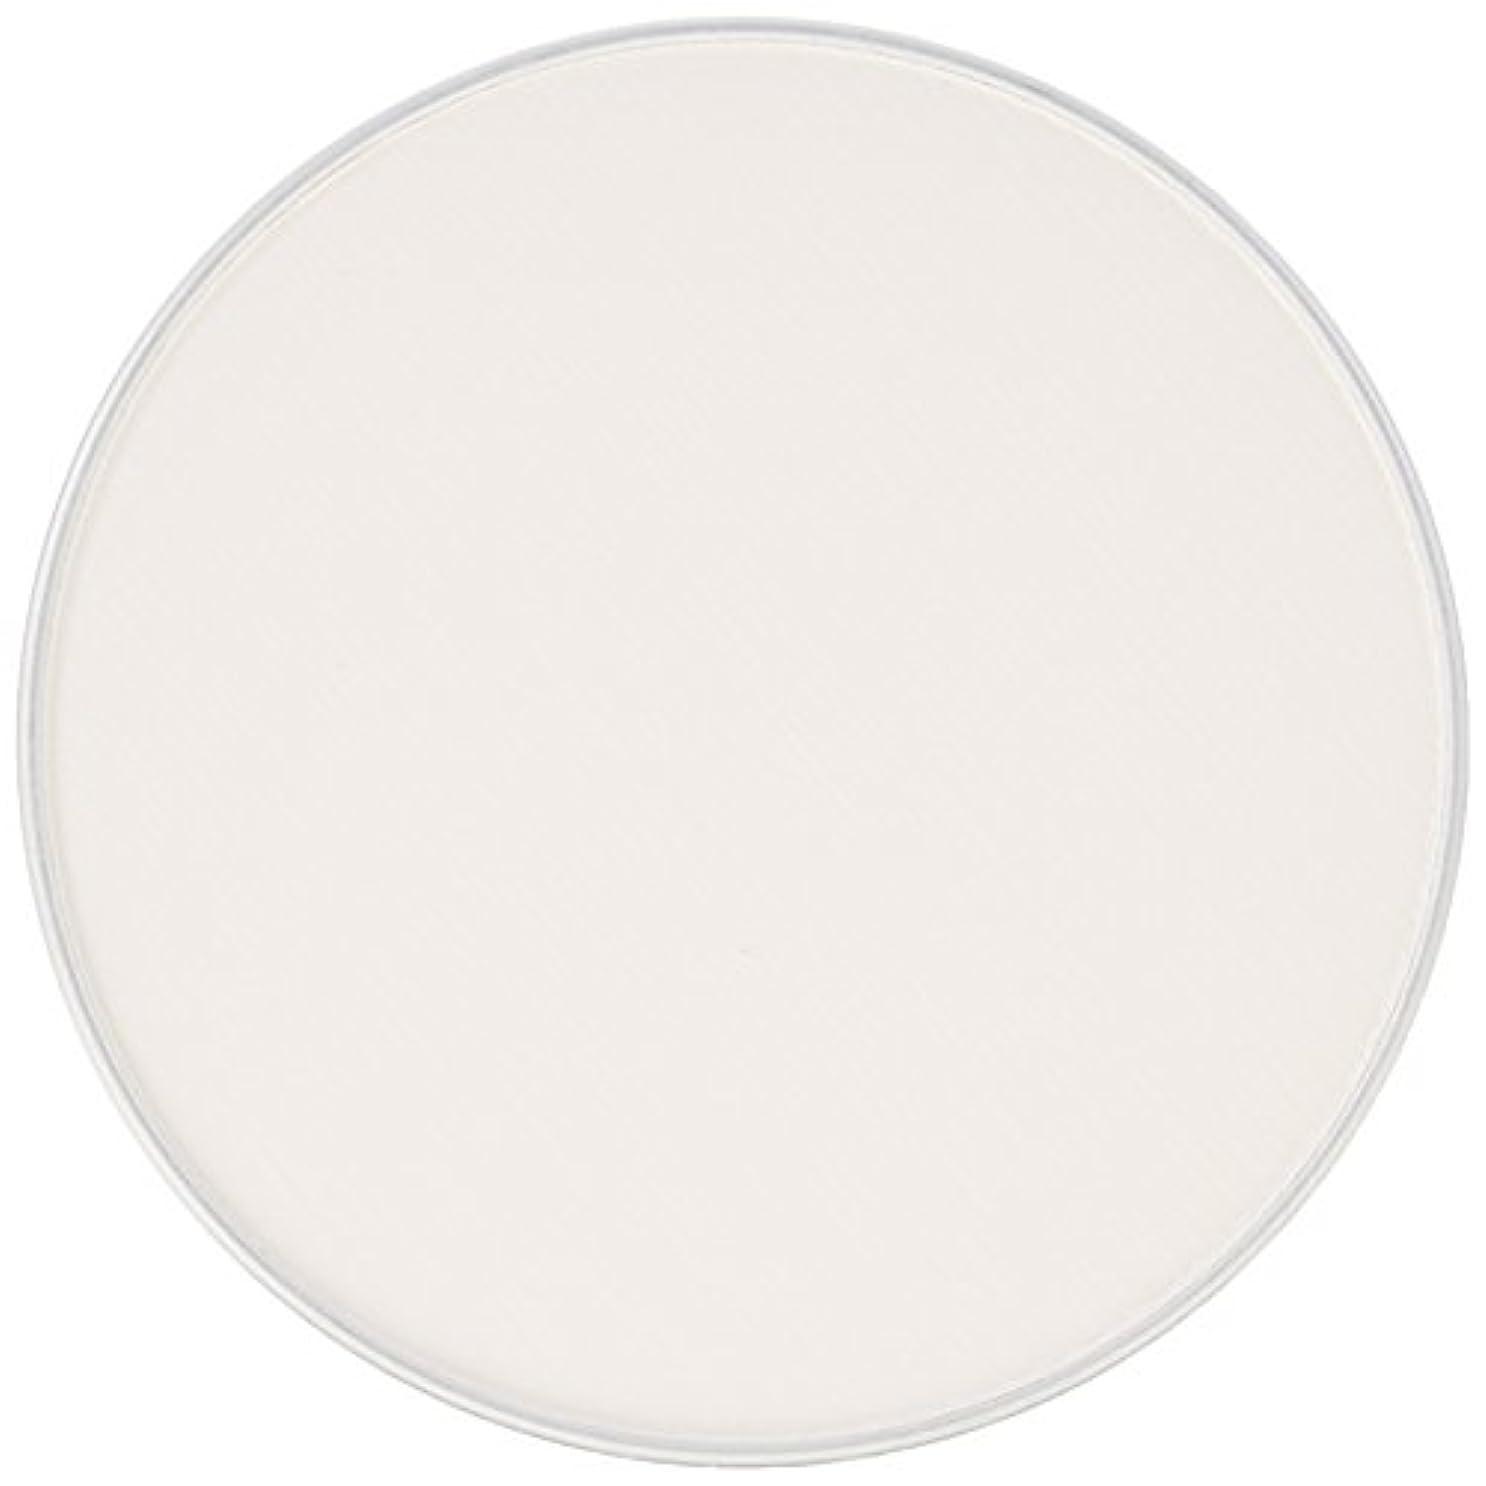 回転するアリーナ方言花椿クラブ ブランダーム (レフィル) 25g 【医薬部外品】